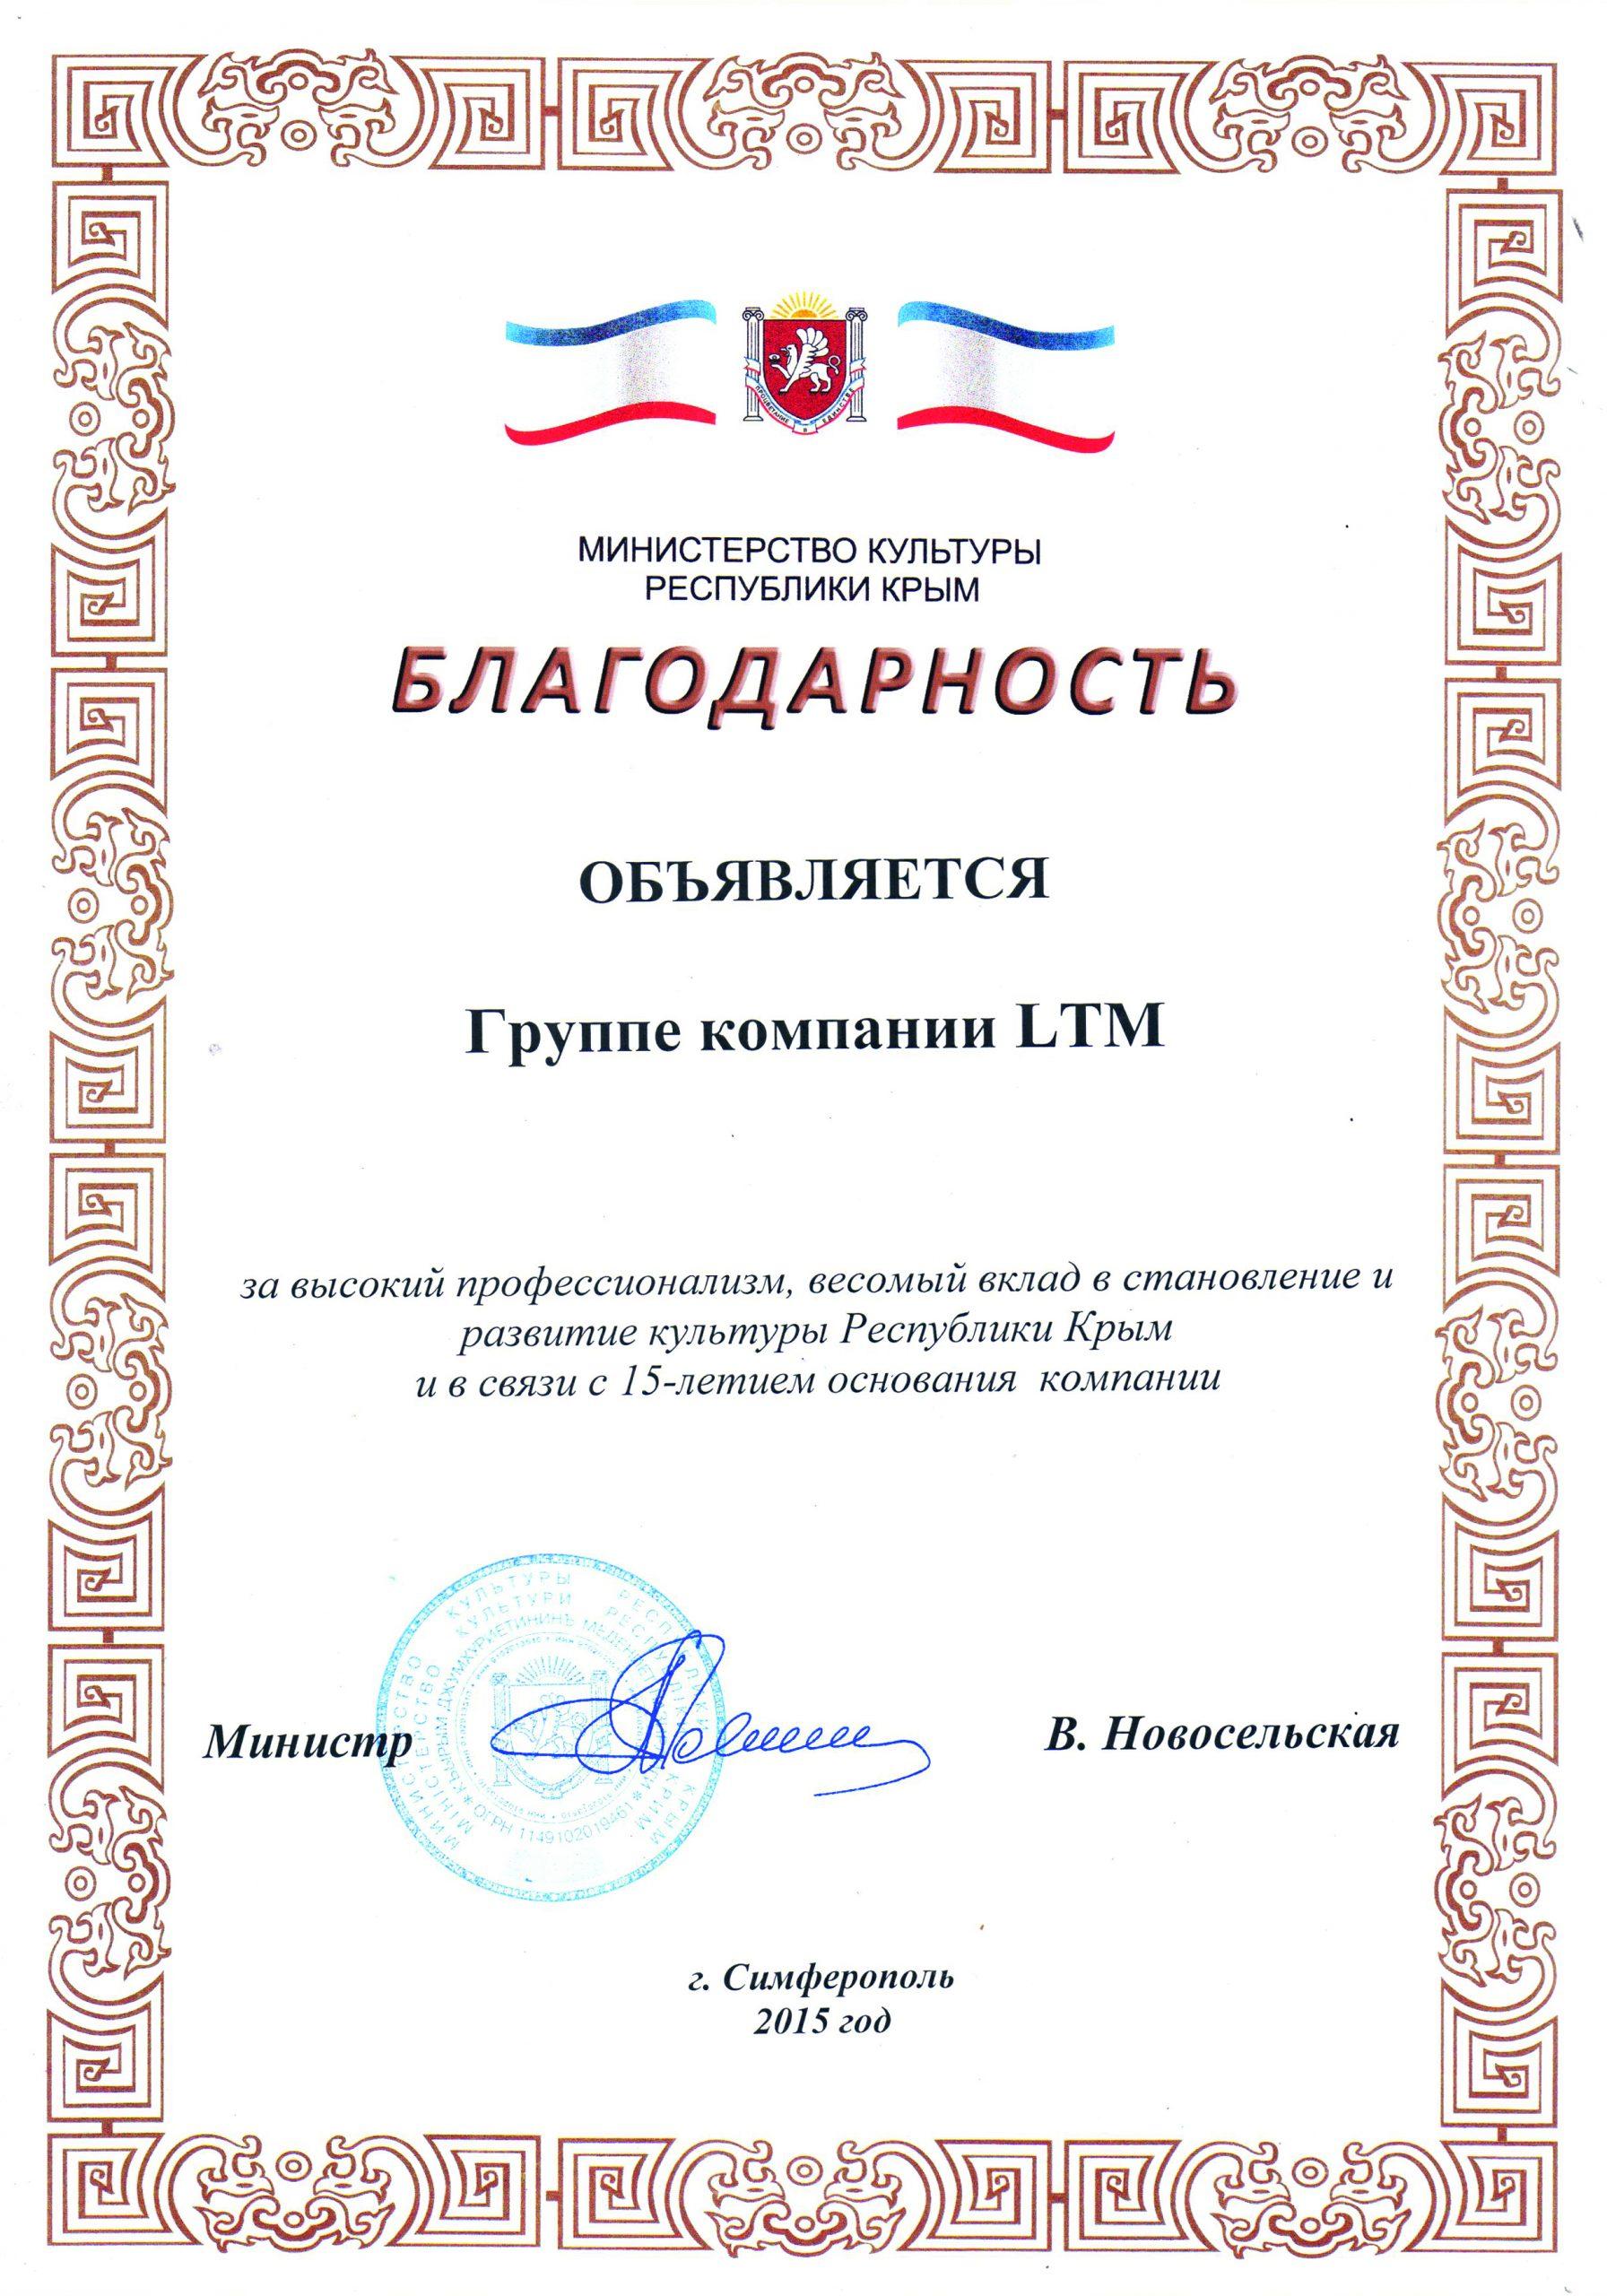 18. Министерство культуры республики Крым